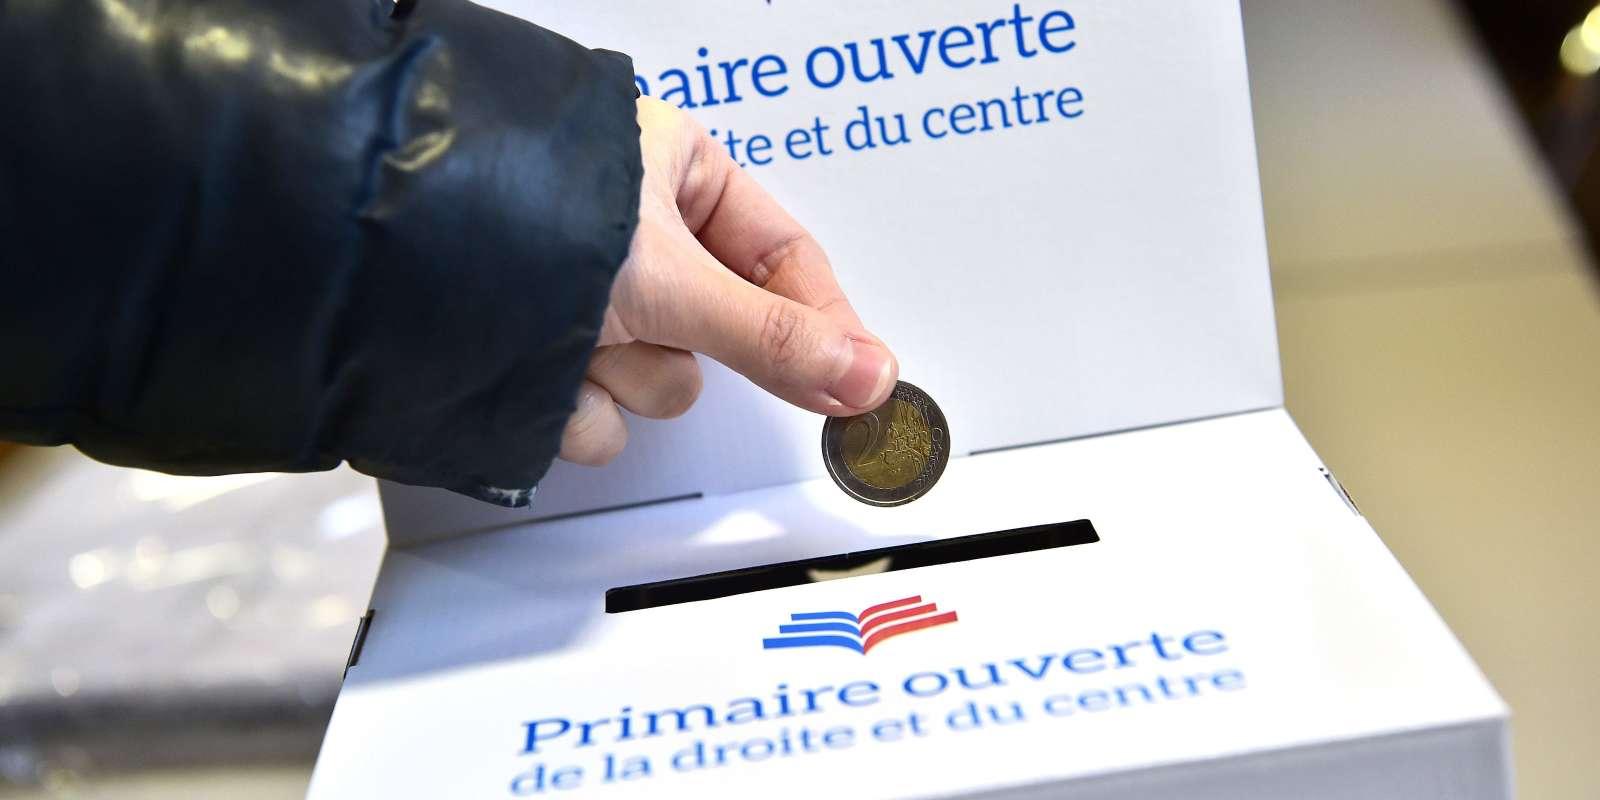 Les électeurs devront débourser deux euros pour participer à la première ronde des primaires de centre droit avant l'élection présidentielle de 2017 - dans un bureau de vote à Courbevoie, à l'ouest de Paris le 18 novembre.